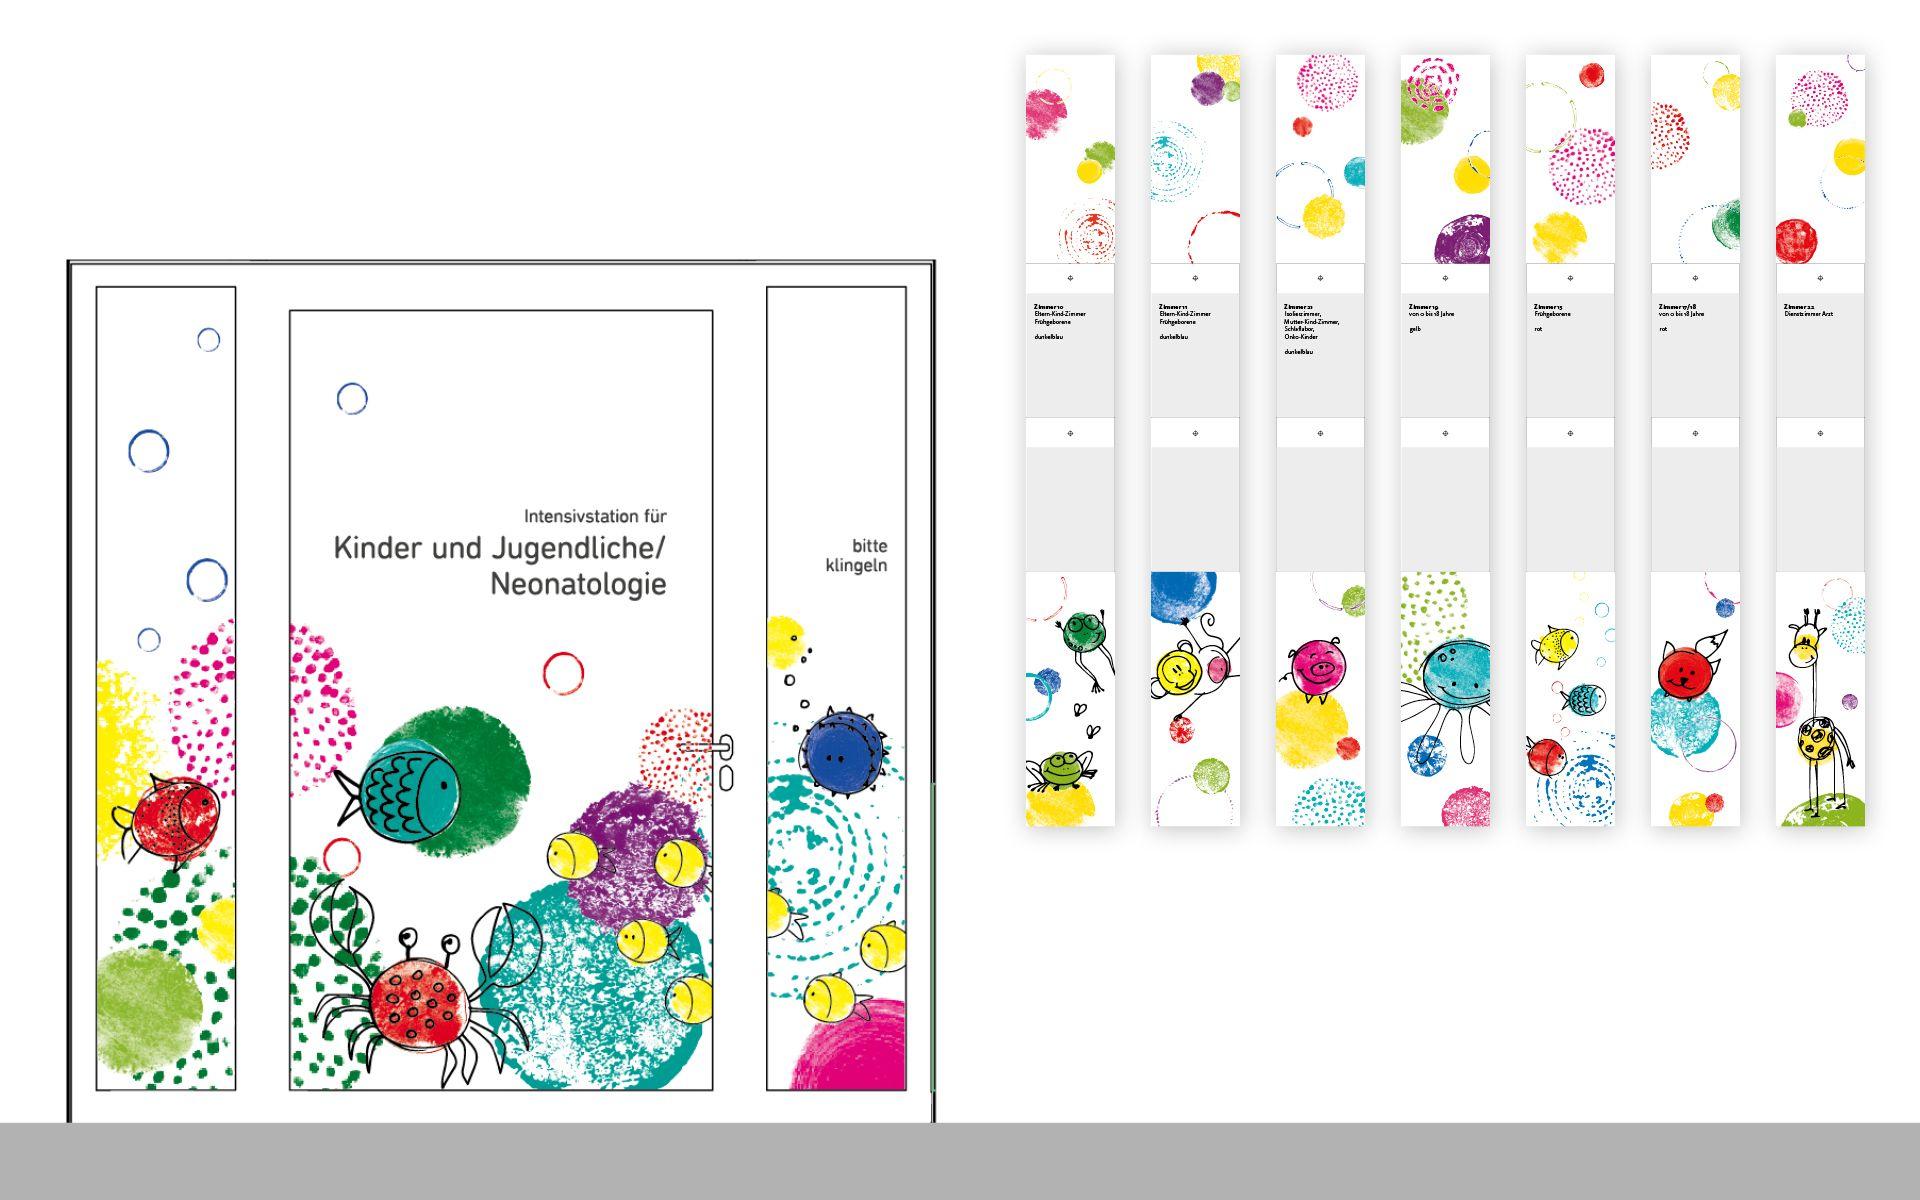 Fantastisch Wand  Und Deckengestaltung Intensivstation Für Kinder Und Jugendliche /  Neonatologie, LKH Leoben